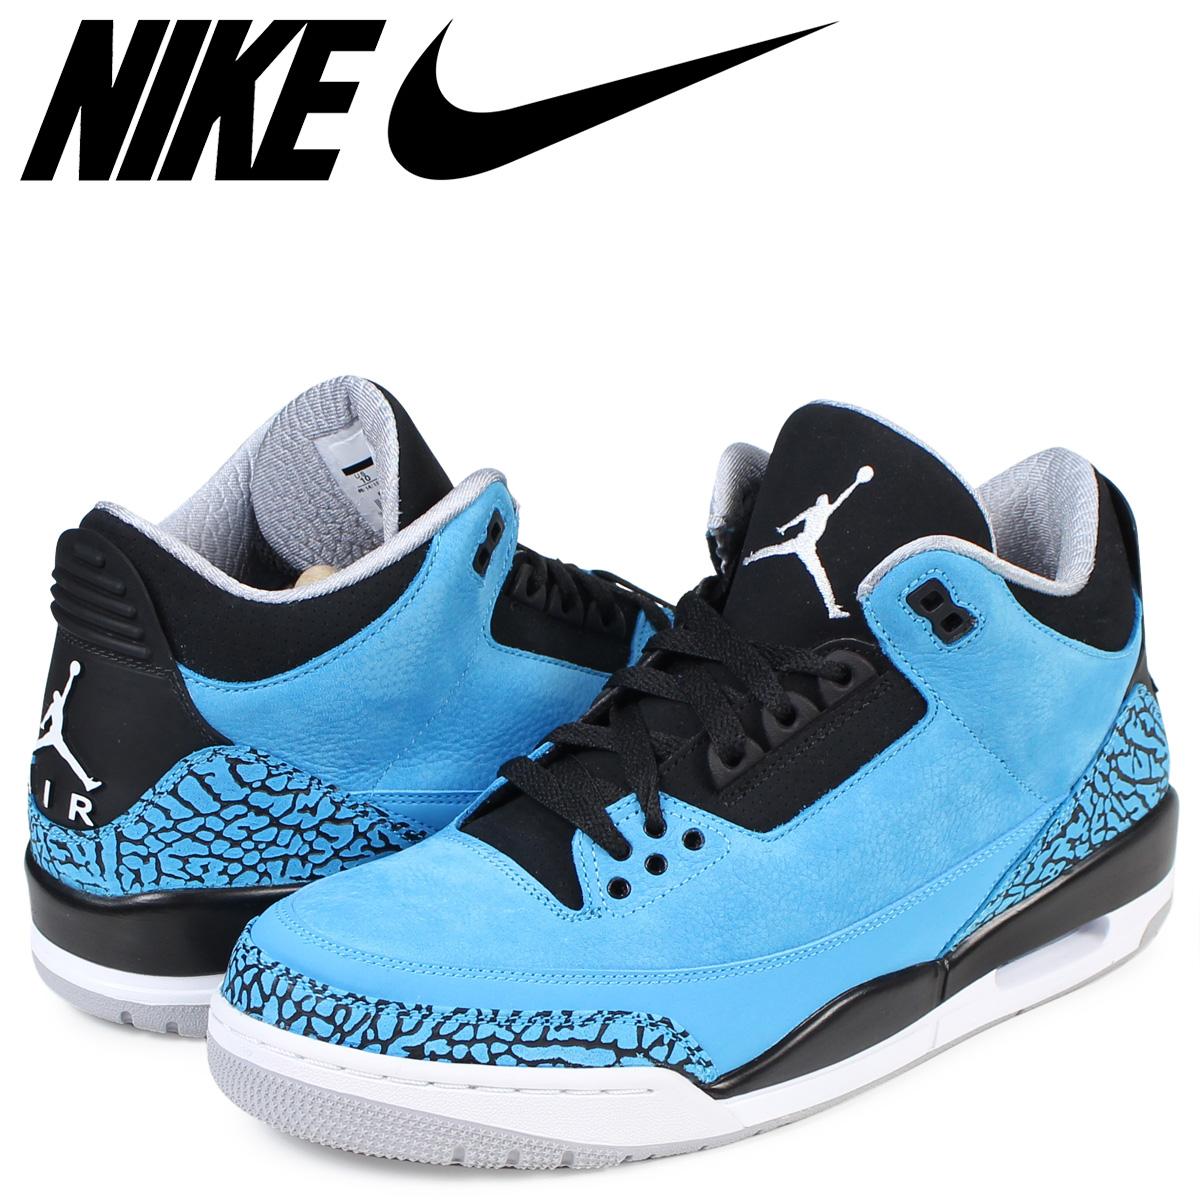 buy popular a8c18 819d6 NIKE Nike Air Jordan 3 nostalgic sneakers AIR JORDAN 3 RETRO 136,064-406  men's shoes blue